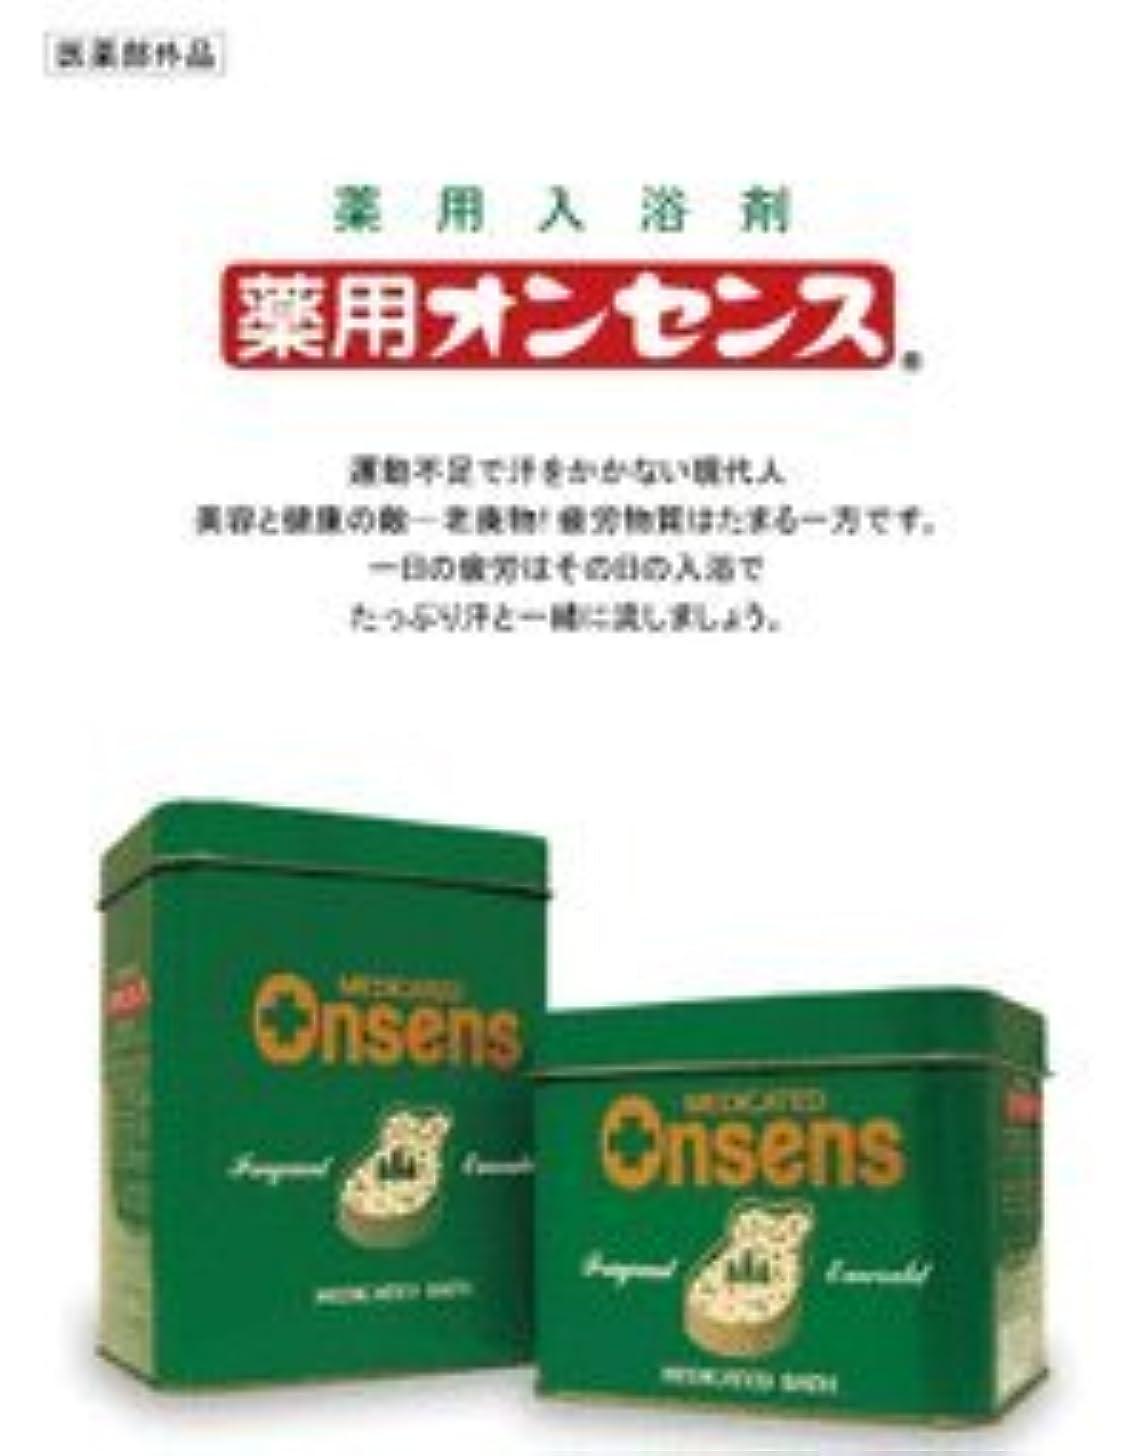 爆発するポスト印象派スマイル薬用オンセンス 1.4kg缶 薬用入浴剤 松葉エキス(松柏科植物の製油) 入浴剤 医薬部外品